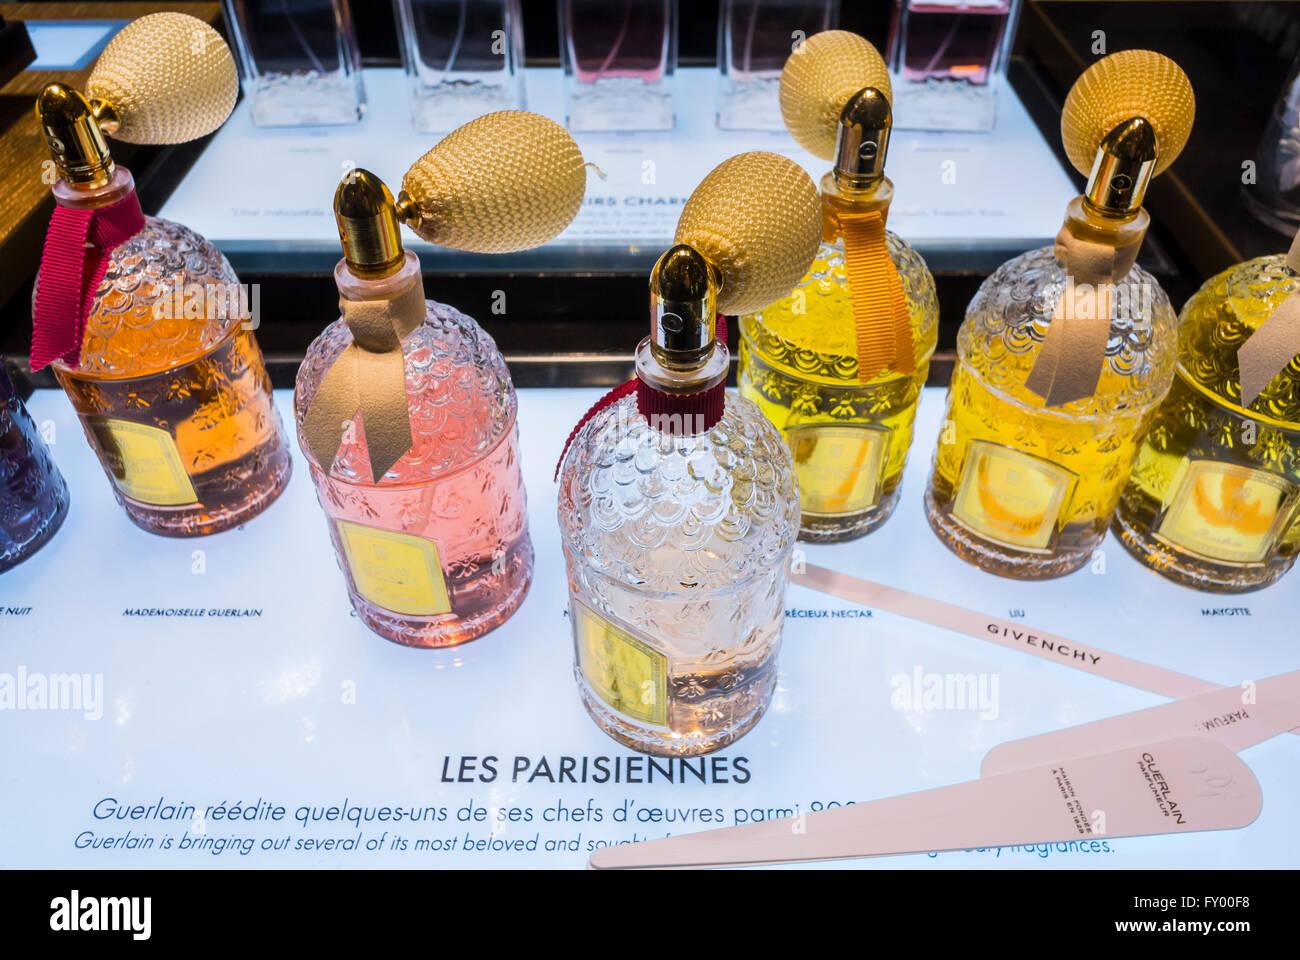 Dans Luxe Magasins De L'intérieur Les ParisFranceÀ Français 1KcFlJ